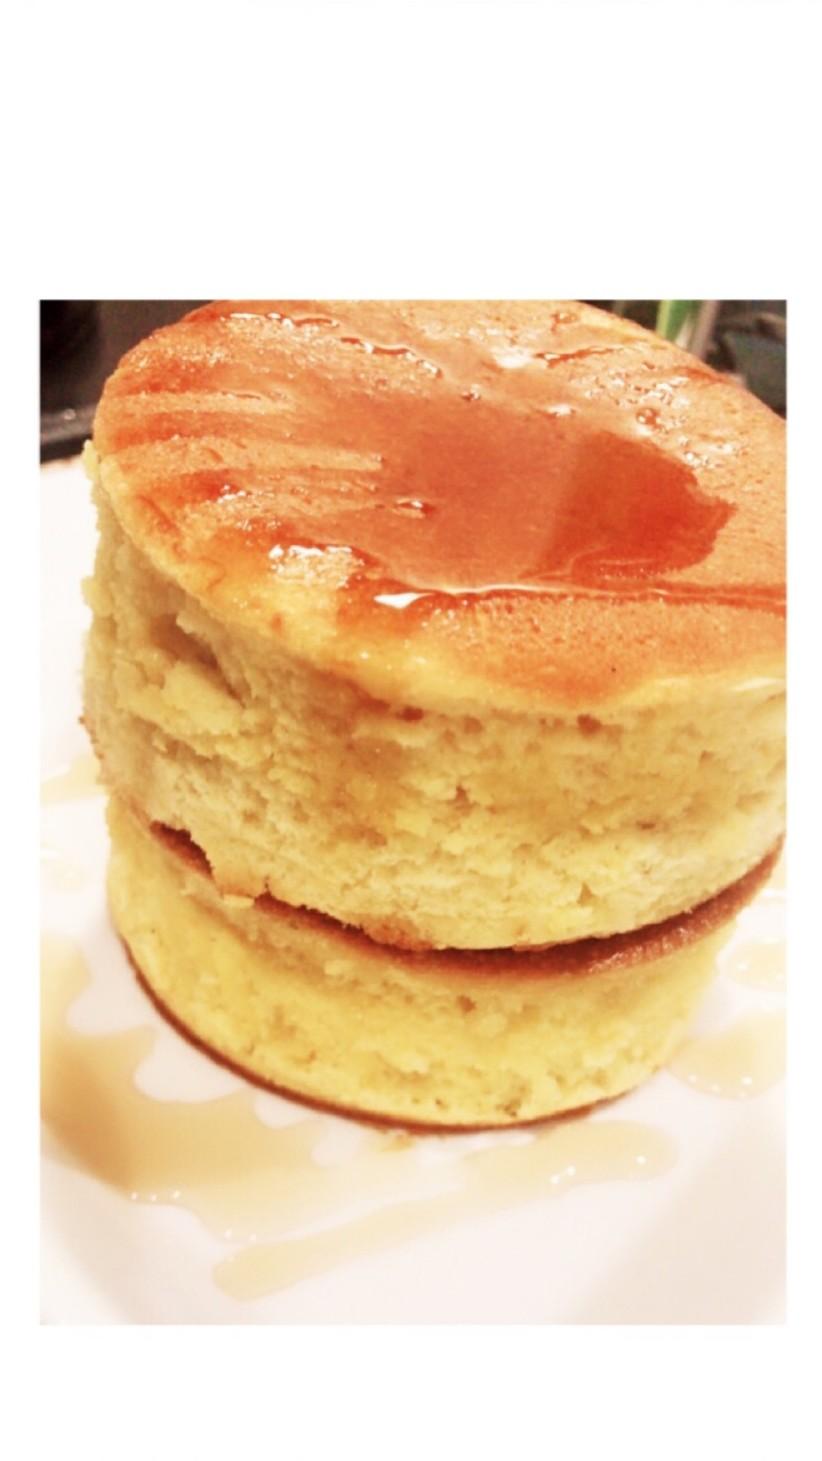 材料簡単☆HMふわふわスフレパンケーキ♡